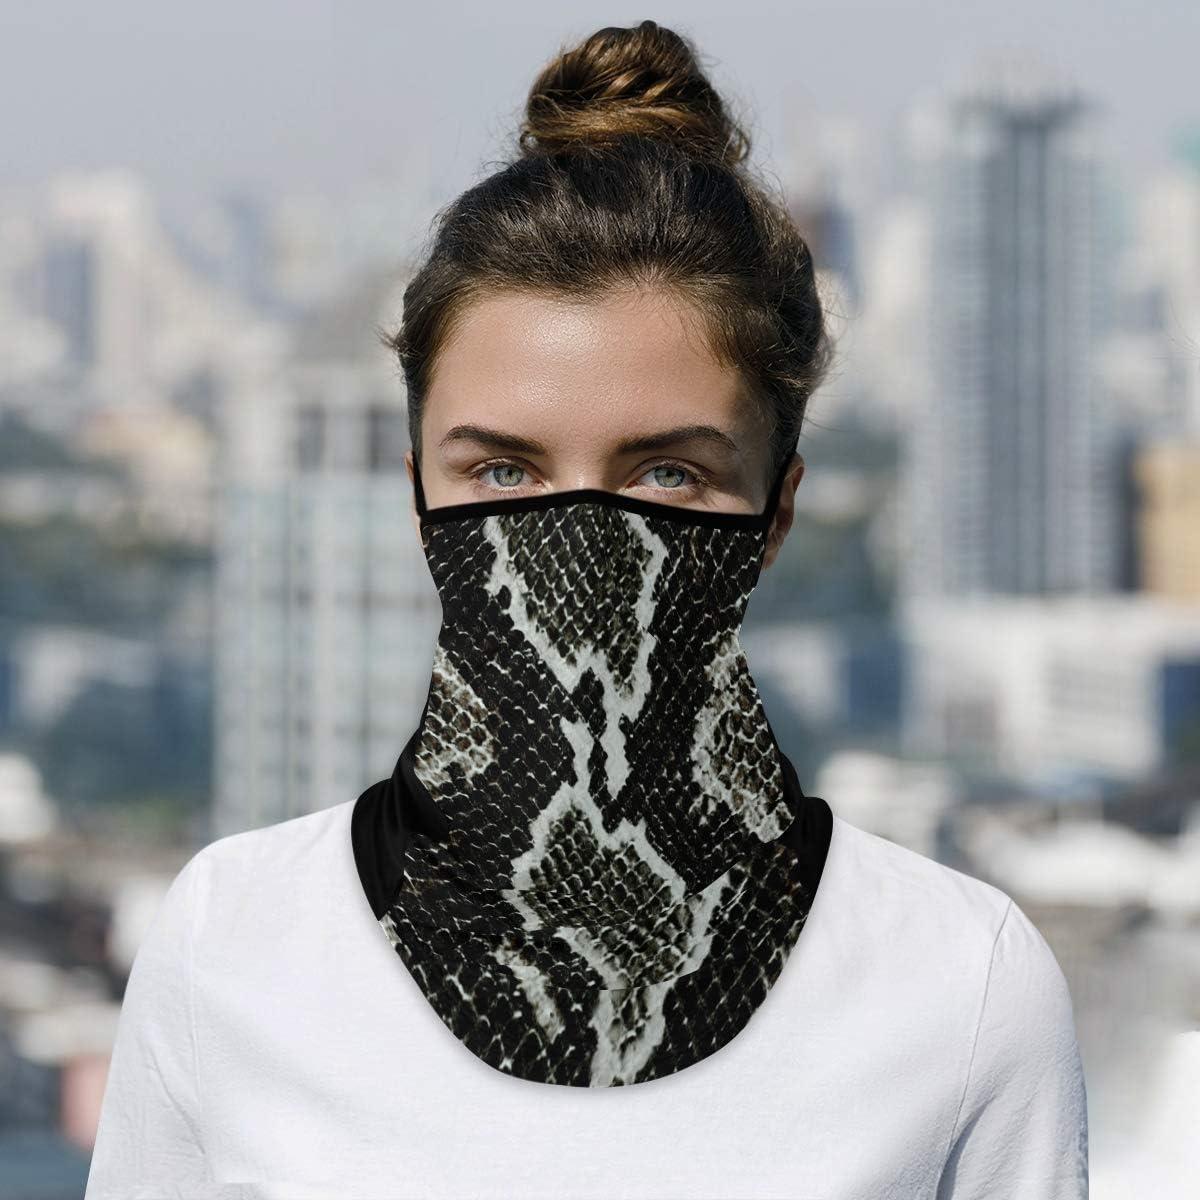 DAOXIANG Snake Skin Textures Neck Ranking TOP19 Mask Reusable Gaiter Face Clo Long Beach Mall